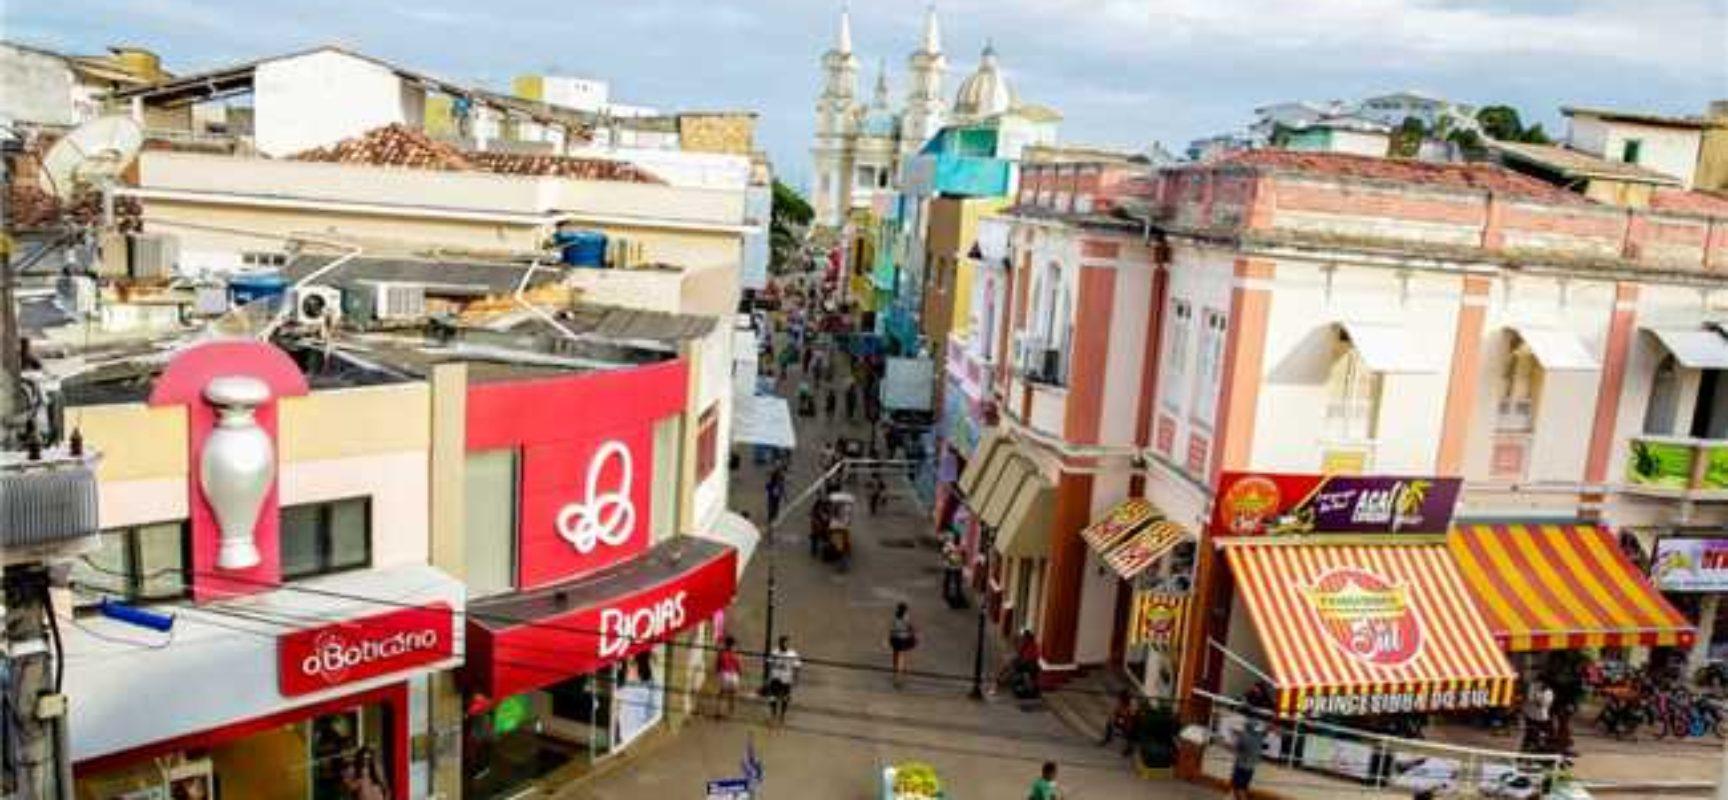 Ilhéus: Mobilização no comércio e renegociação de dívidas celebram Dia do Consumidor